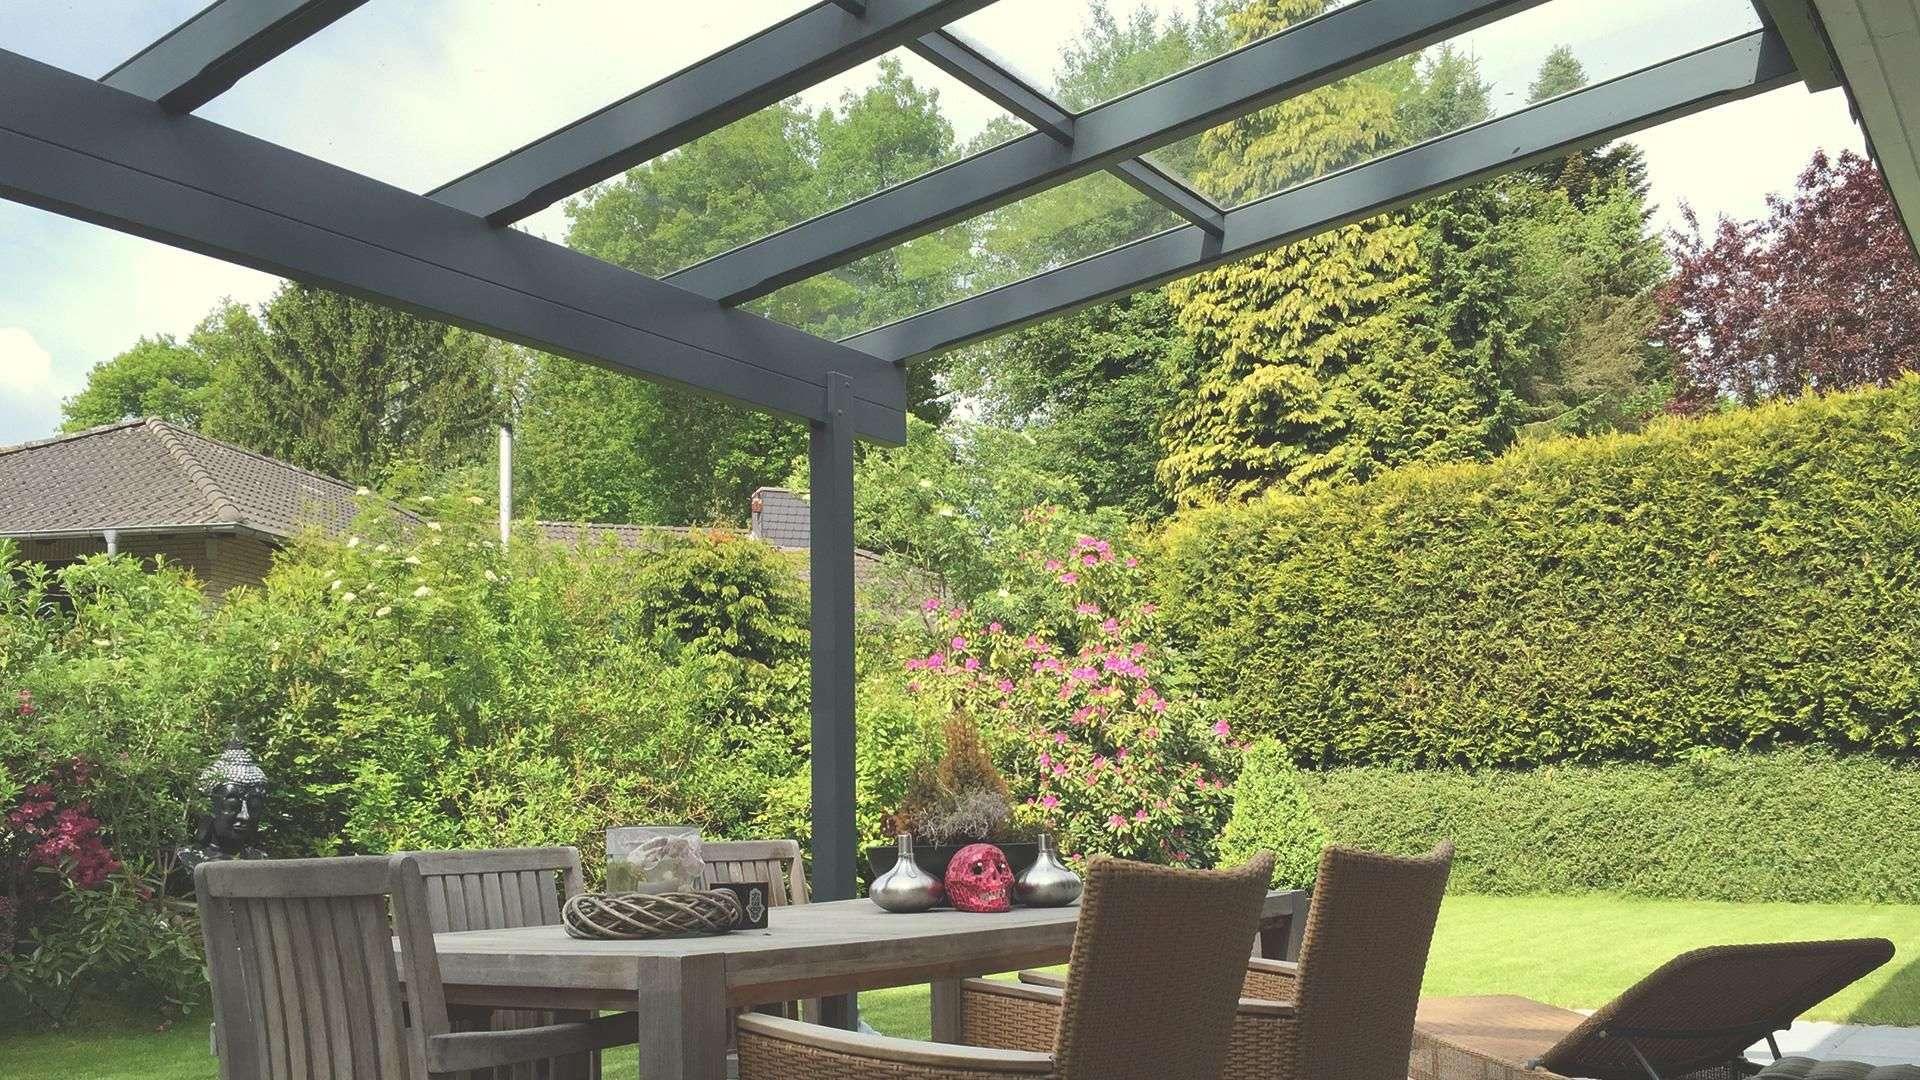 Innenansicht eines Terrassendaches mit Blick in den Garten